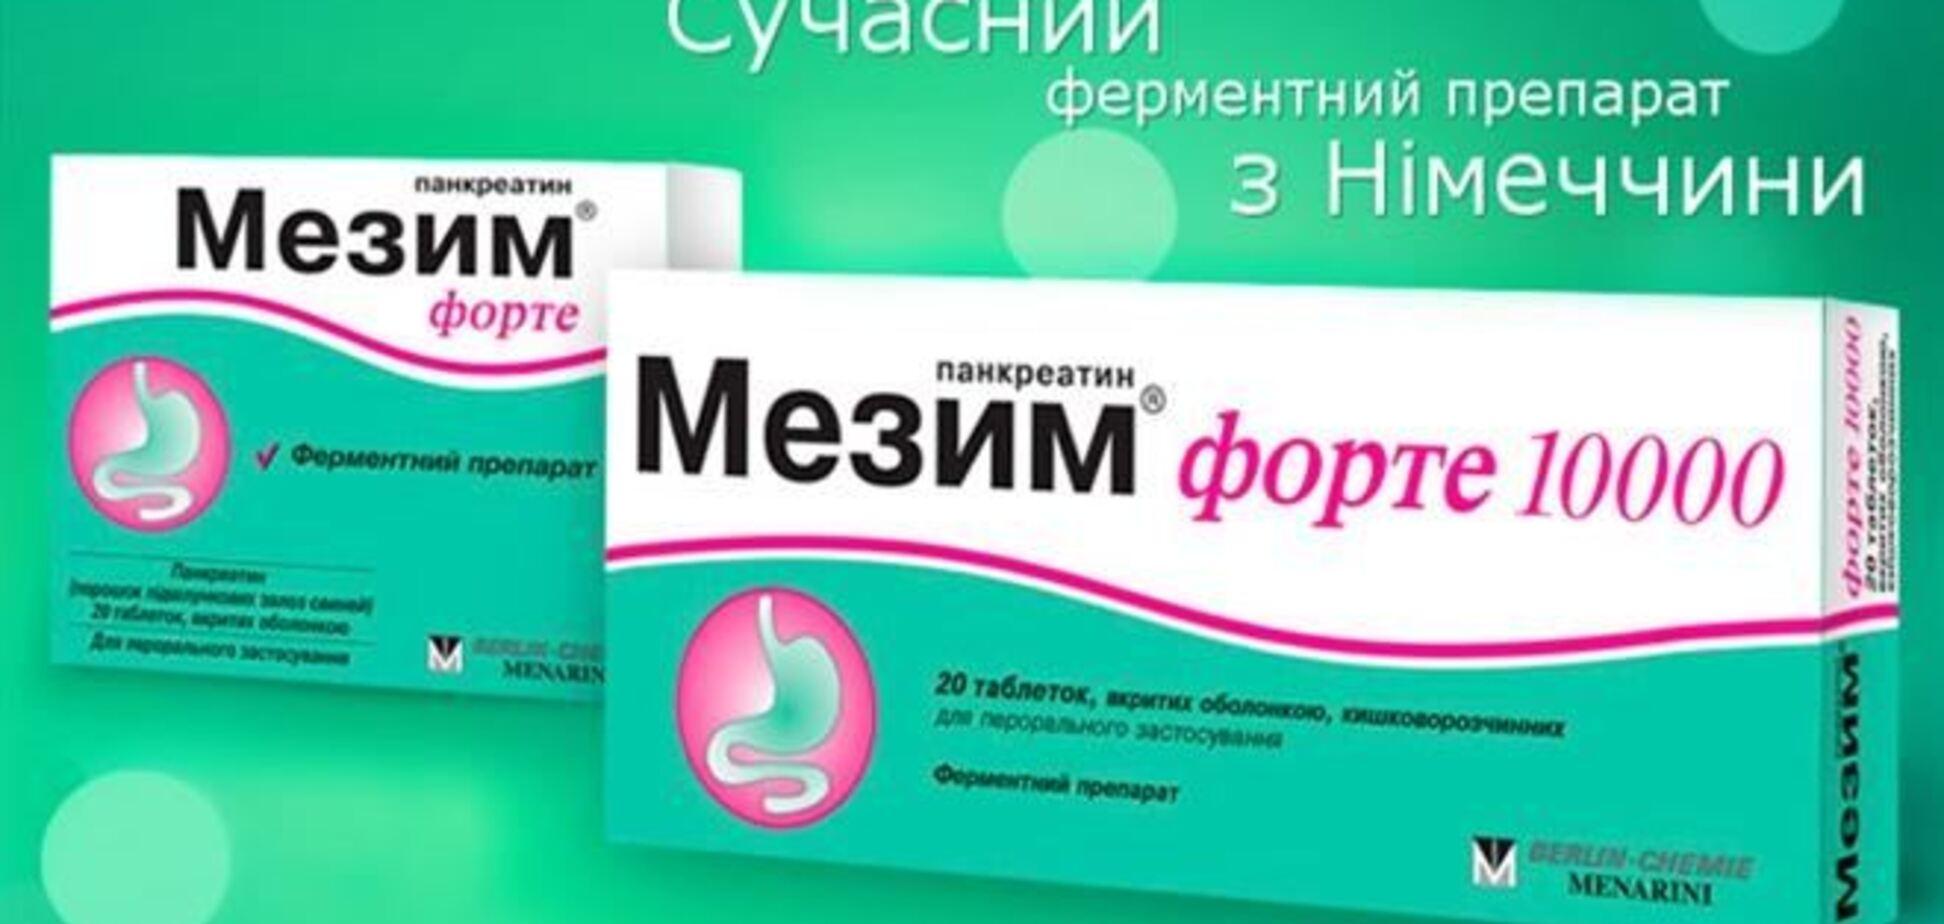 Мезим Форте - лидер среди ферментных препаратов